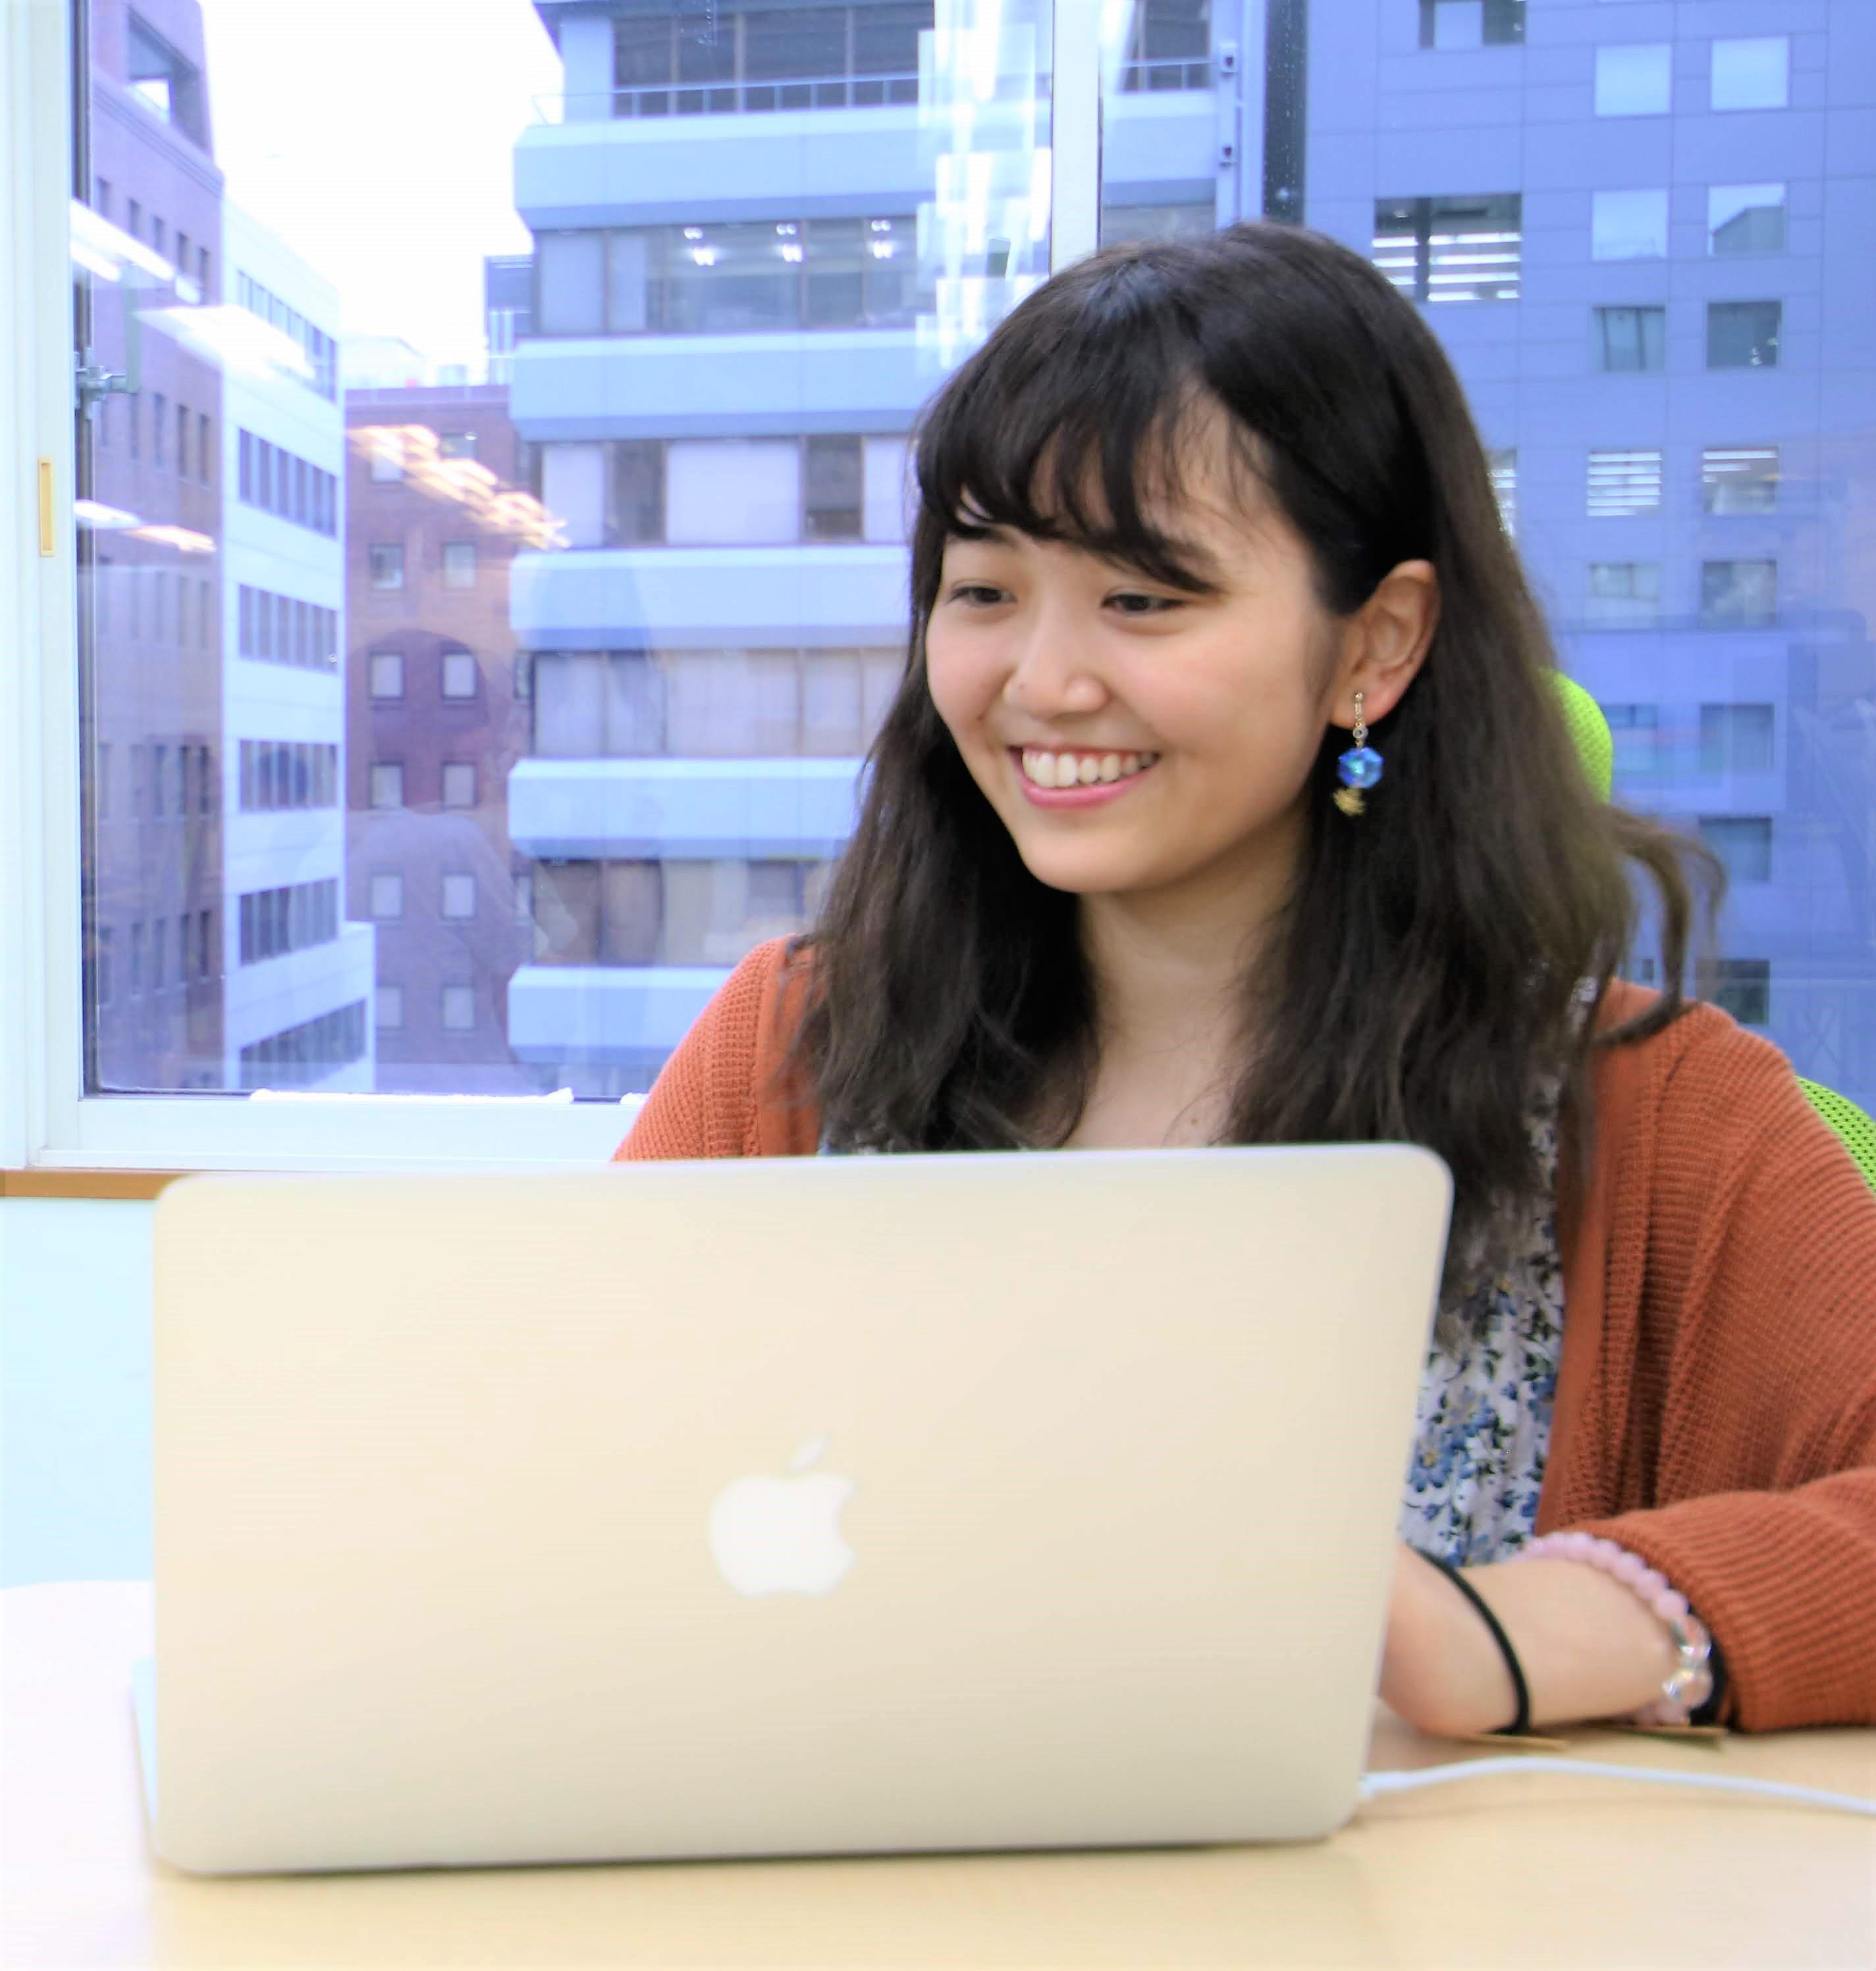 【インタビュー2】22歳/バックオフィスリーダー